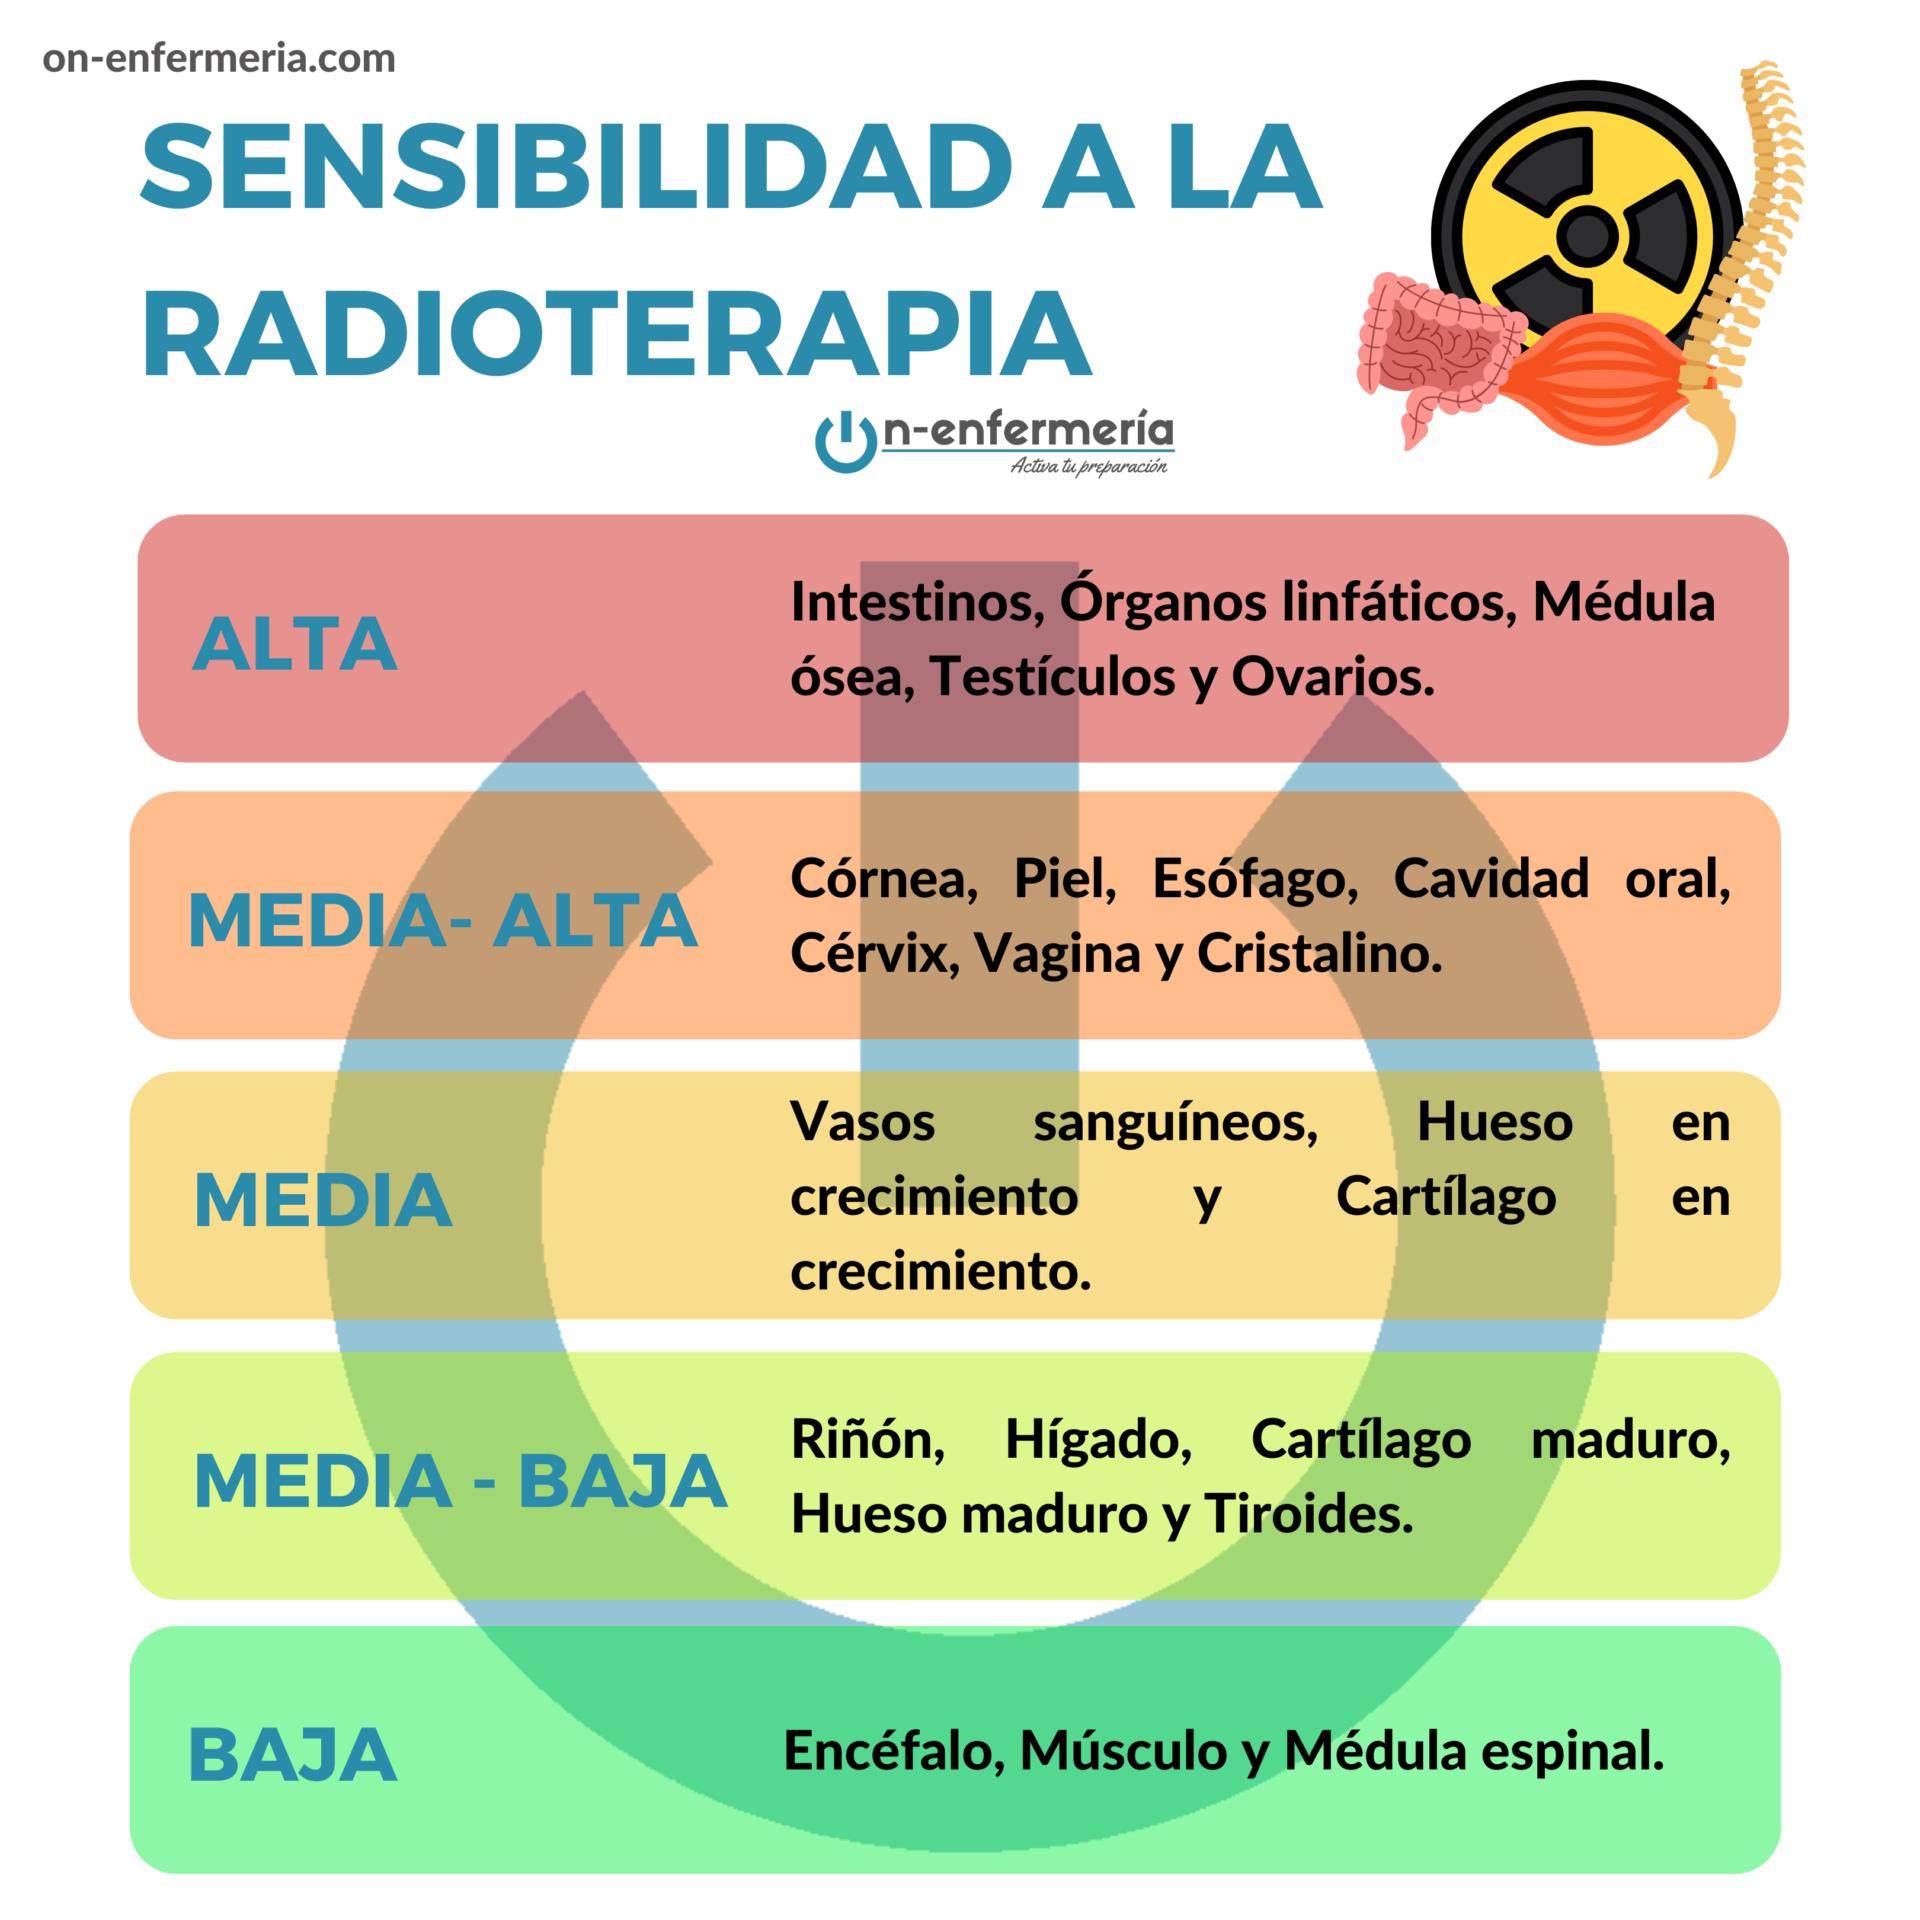 Infografía Sensibilidad a la radioterapia